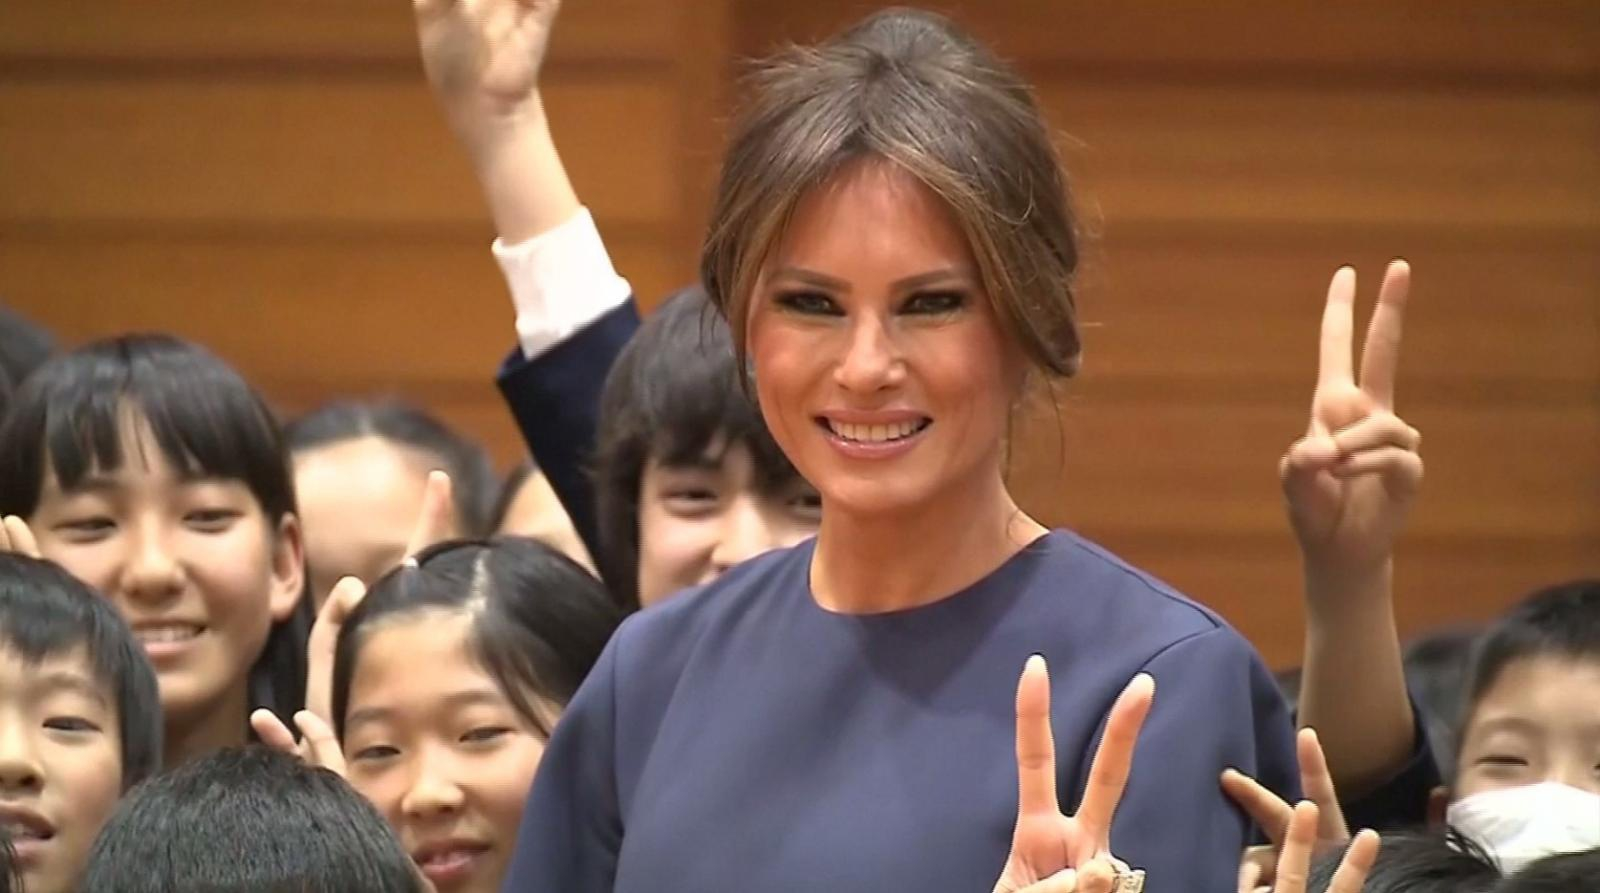 """""""เมลาเนีย ทรัมป์"""" เยี่ยมโรงเรียนในโตเกียว พร้อมเขียนอักษรญี่ปุ่นคำว่า """"สันติภาพ"""""""